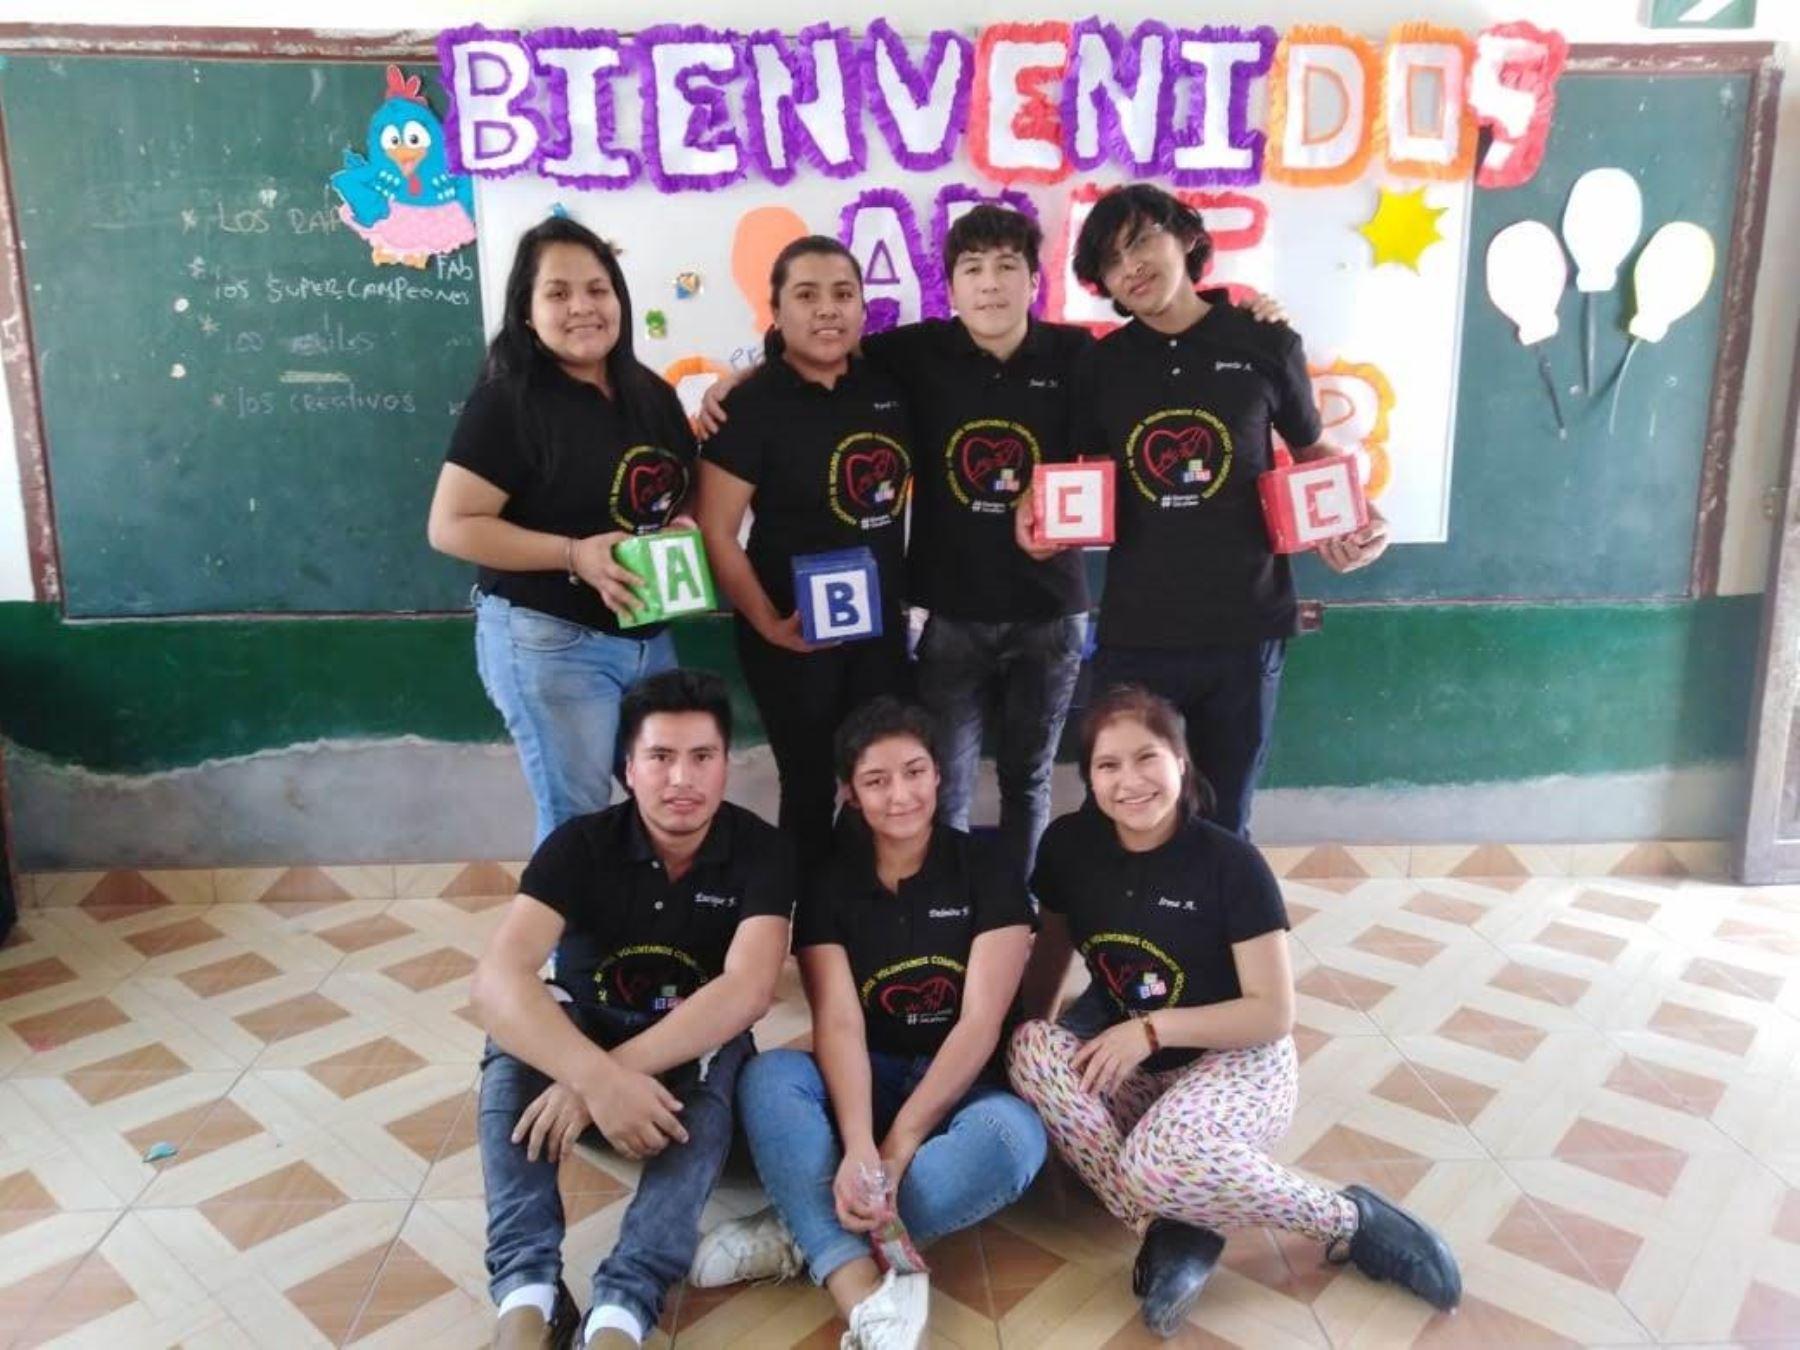 Becarios, liderados por José Valerio Malca, se unieron para dictar clases virtuales a escolares de zonas rurales. ANDINA/Difusión